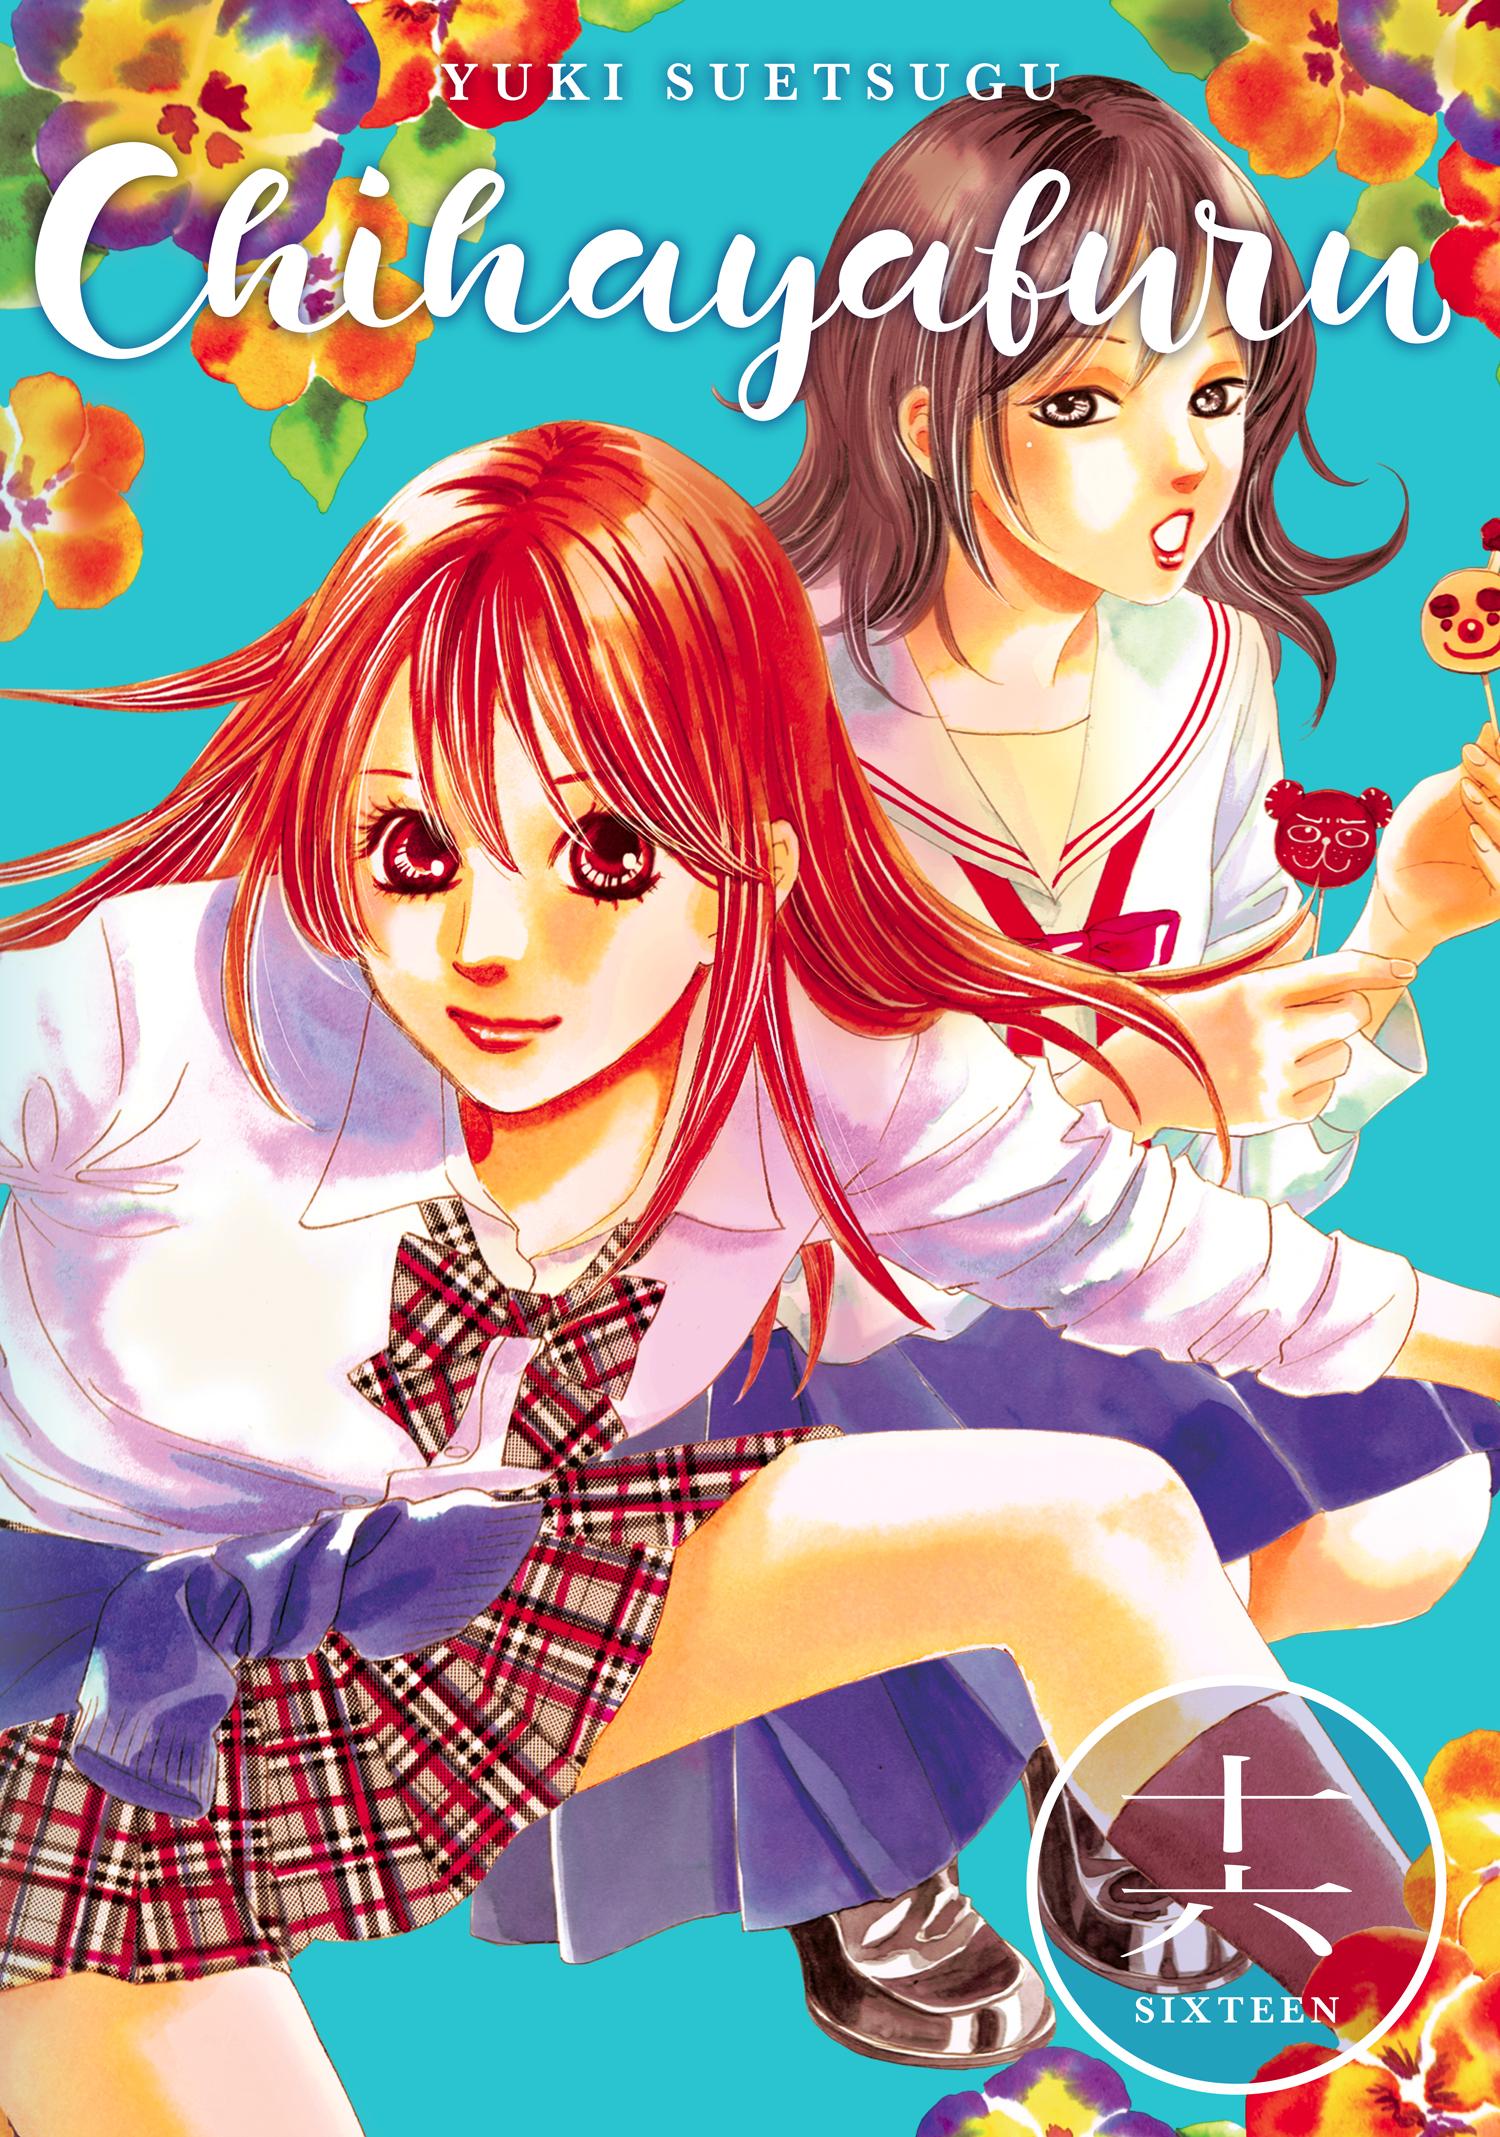 Chihayafuru 16 Kodansha Comics